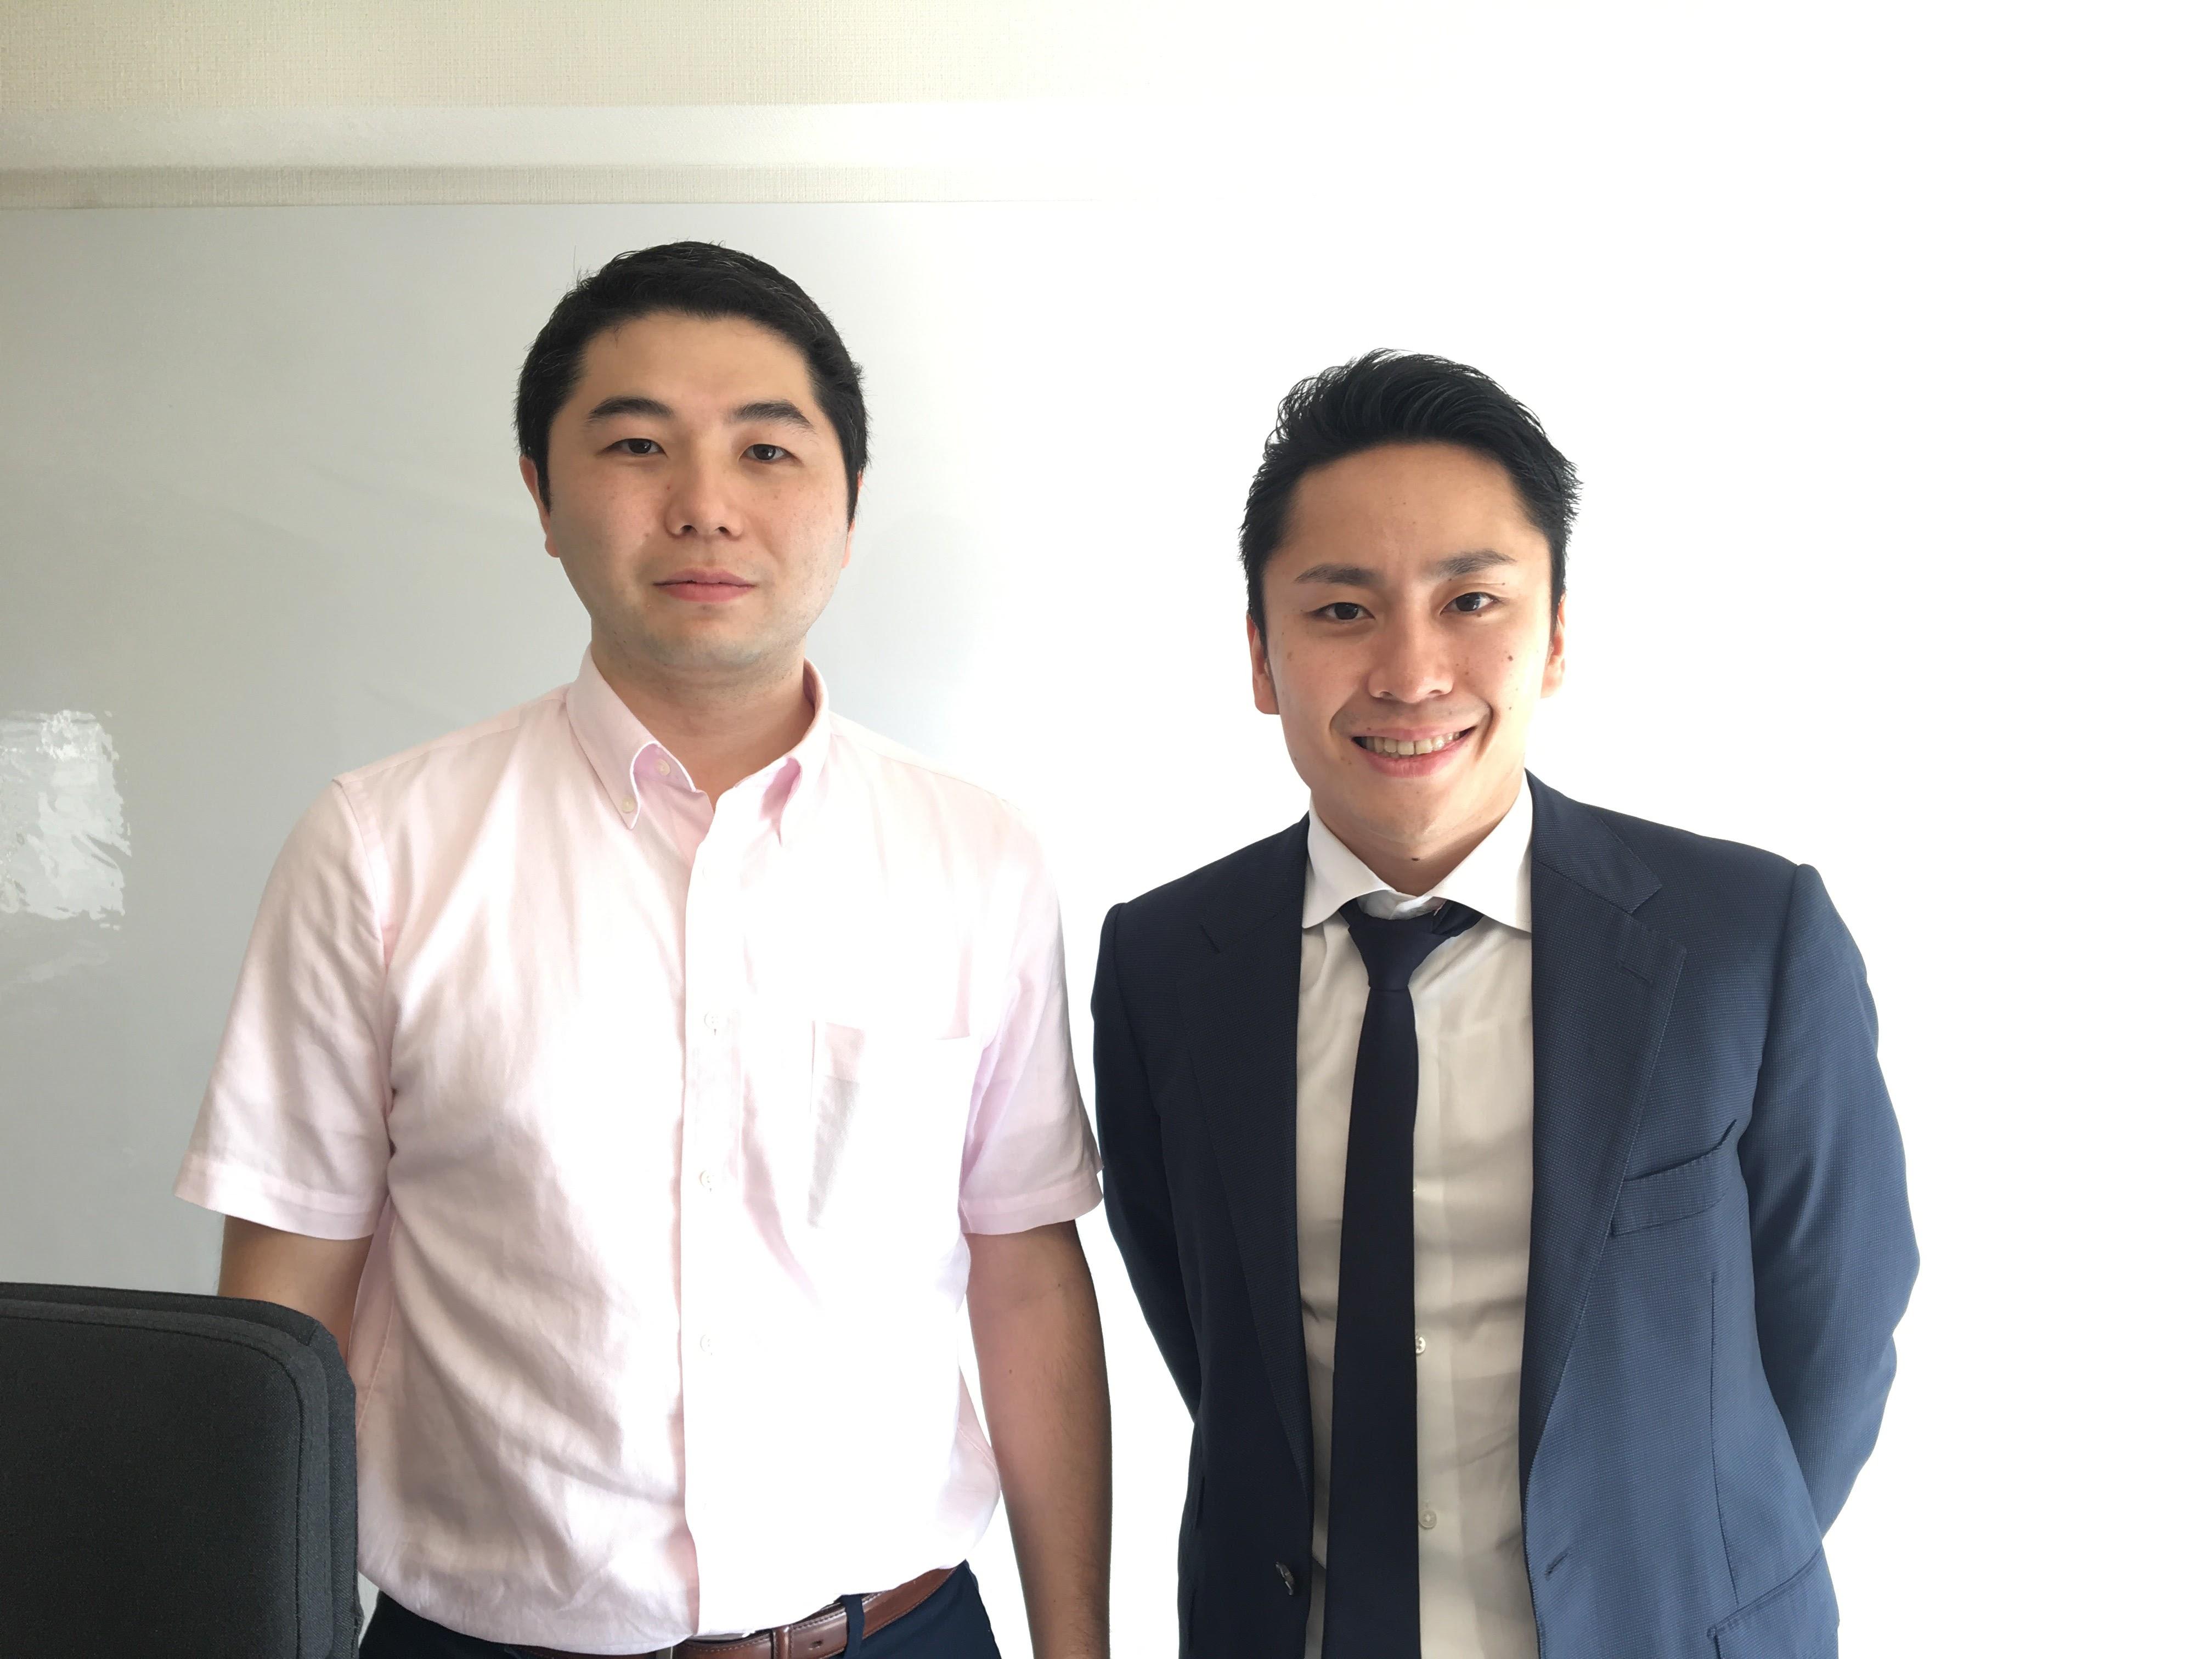 フェンシング太田雄貴氏